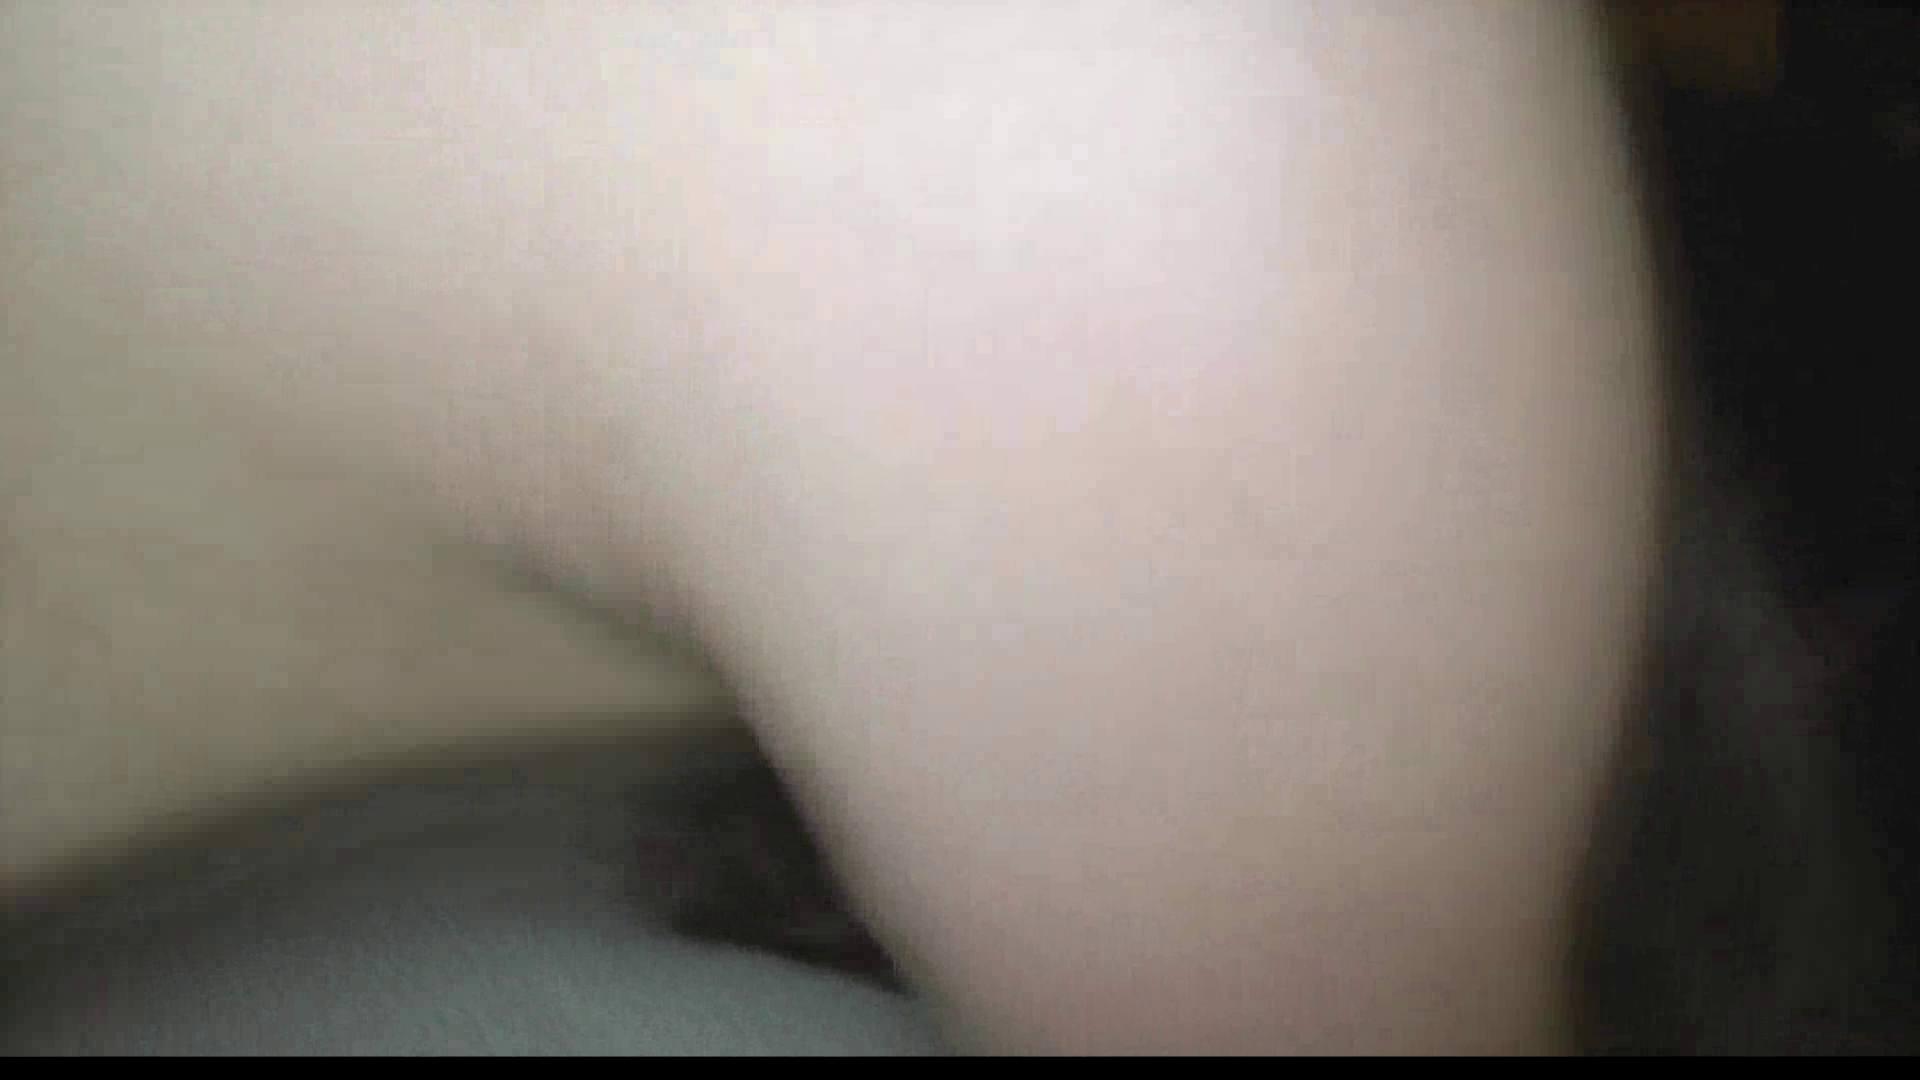 ハメ撮り天国 Vol.25 むっちり  86pic 70